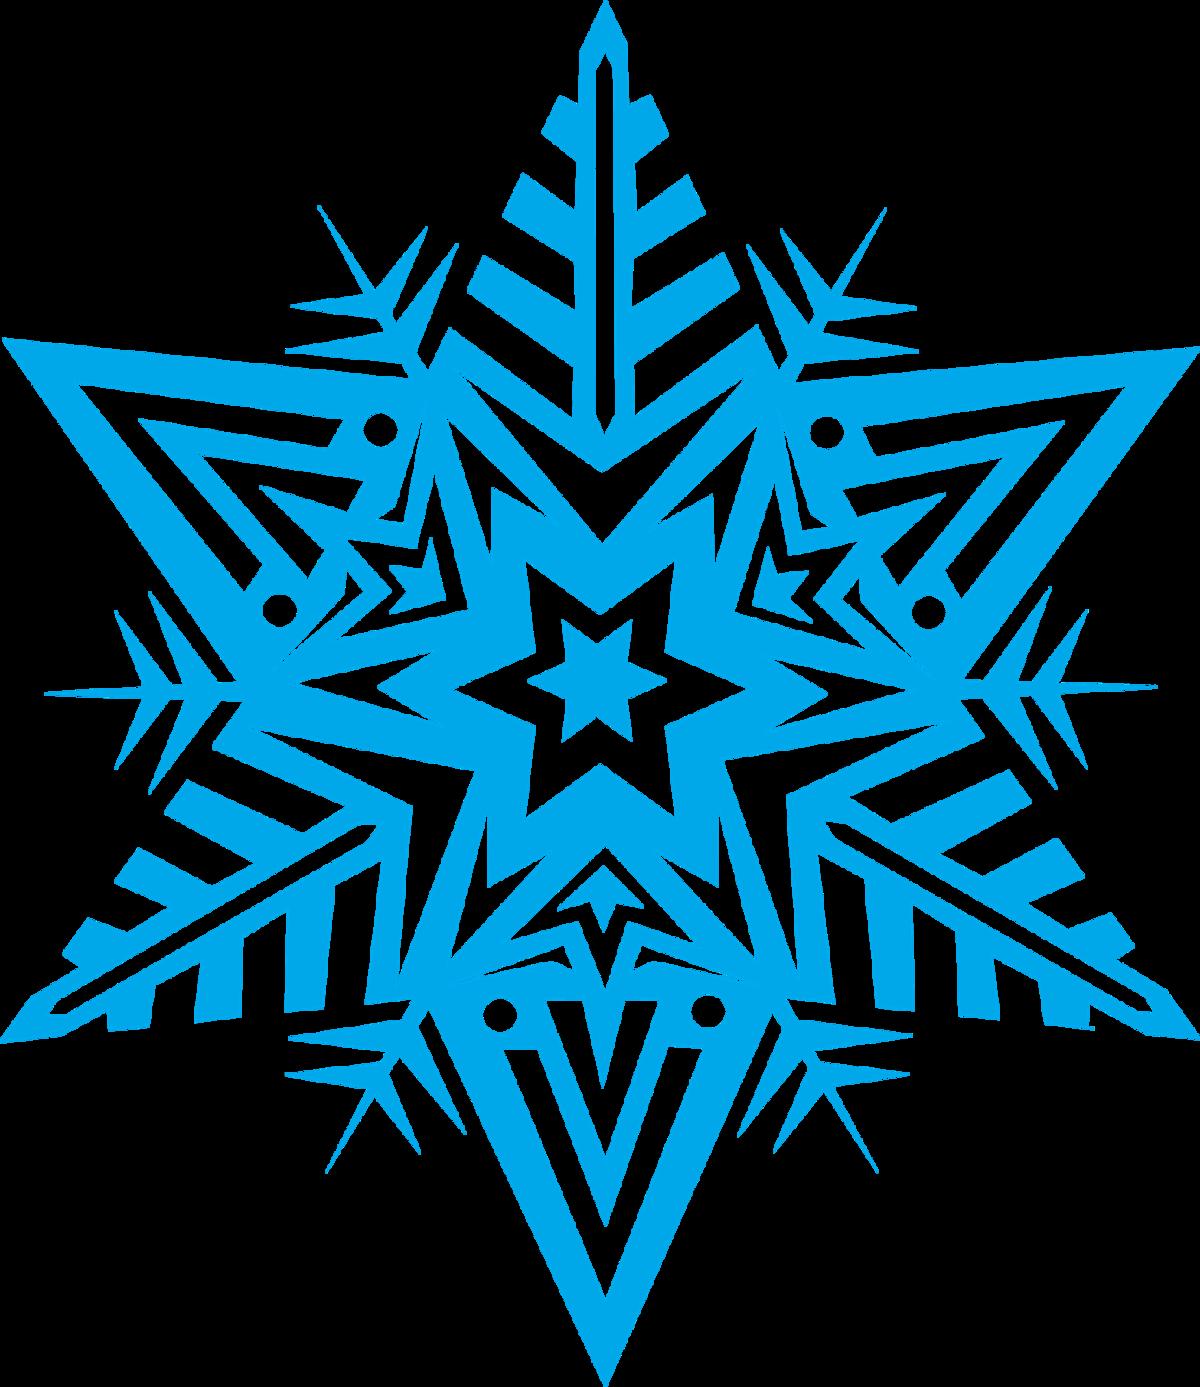 красивая снежинка картинка без фона тренды дизайна интерьеров